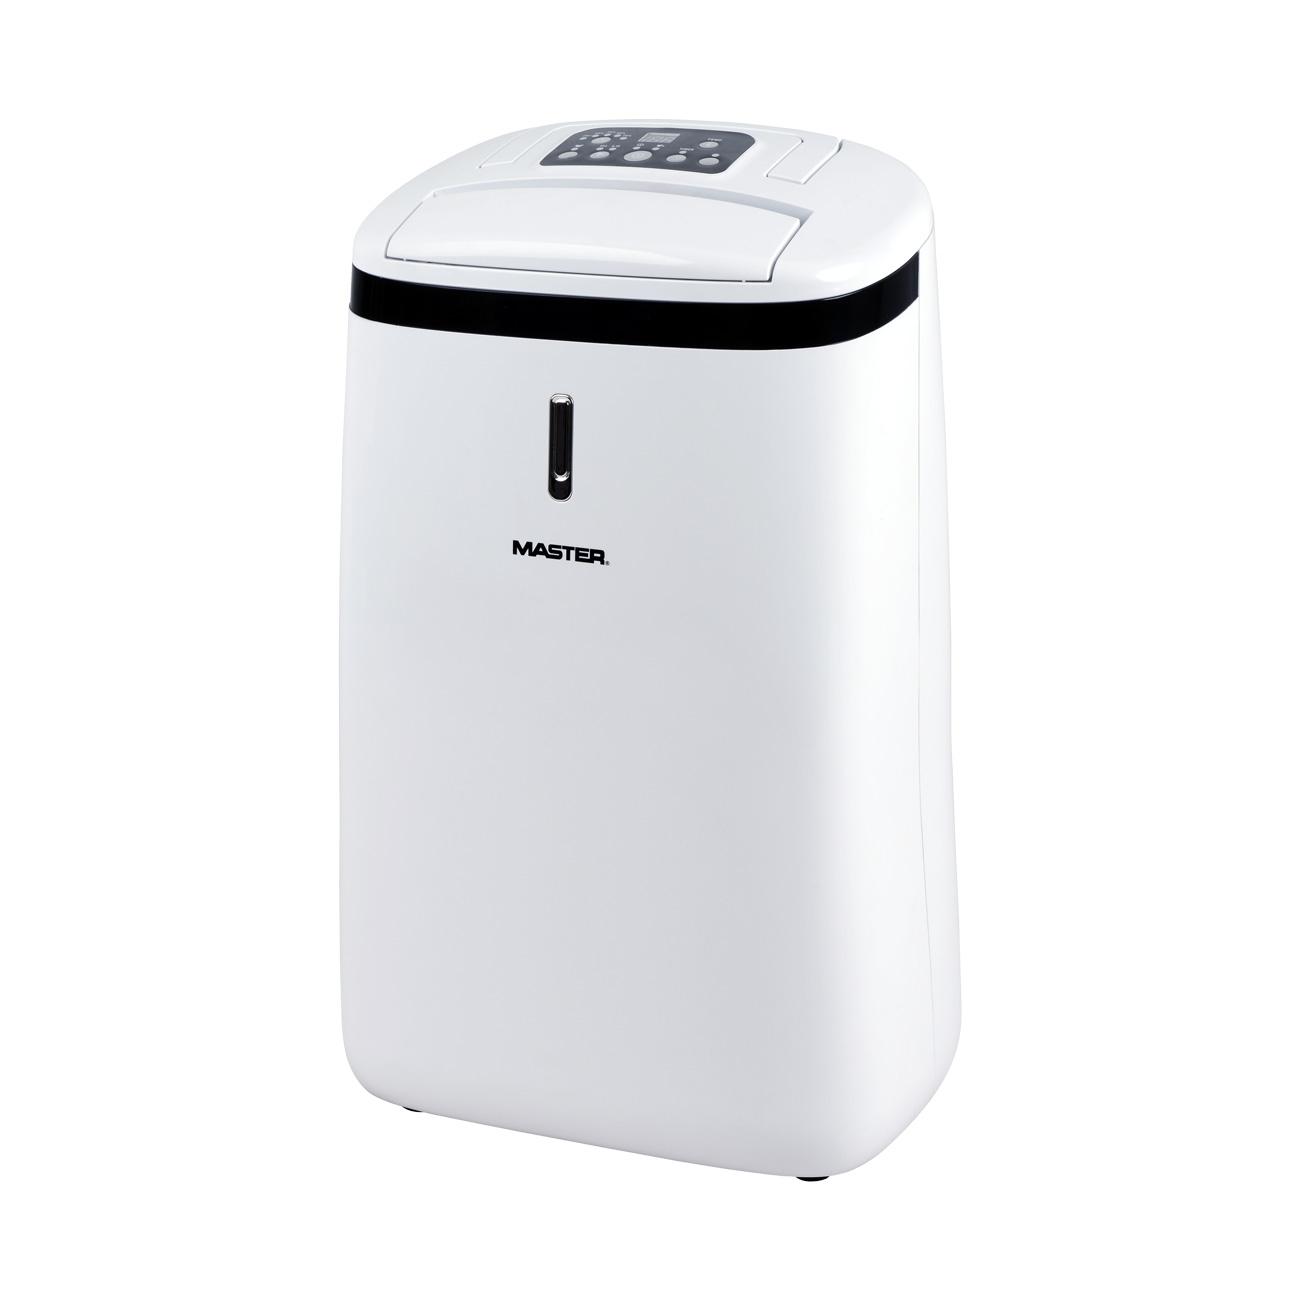 Image of Deumidificatore portatile a condensazione Master DH 720